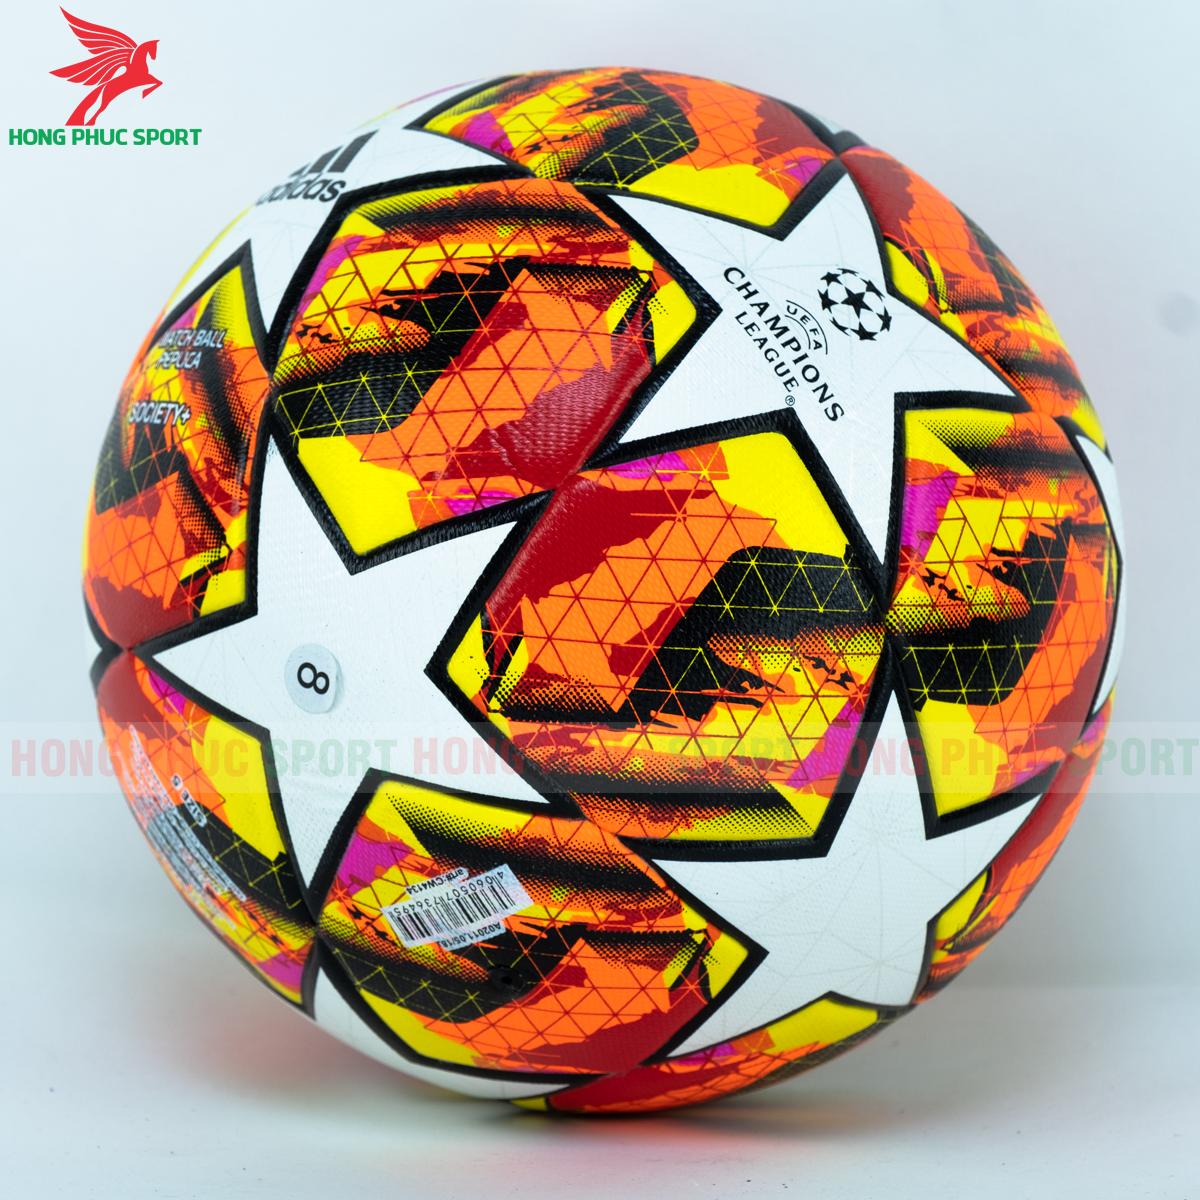 Quả bóng đá Champions League 2020 mẫu 5